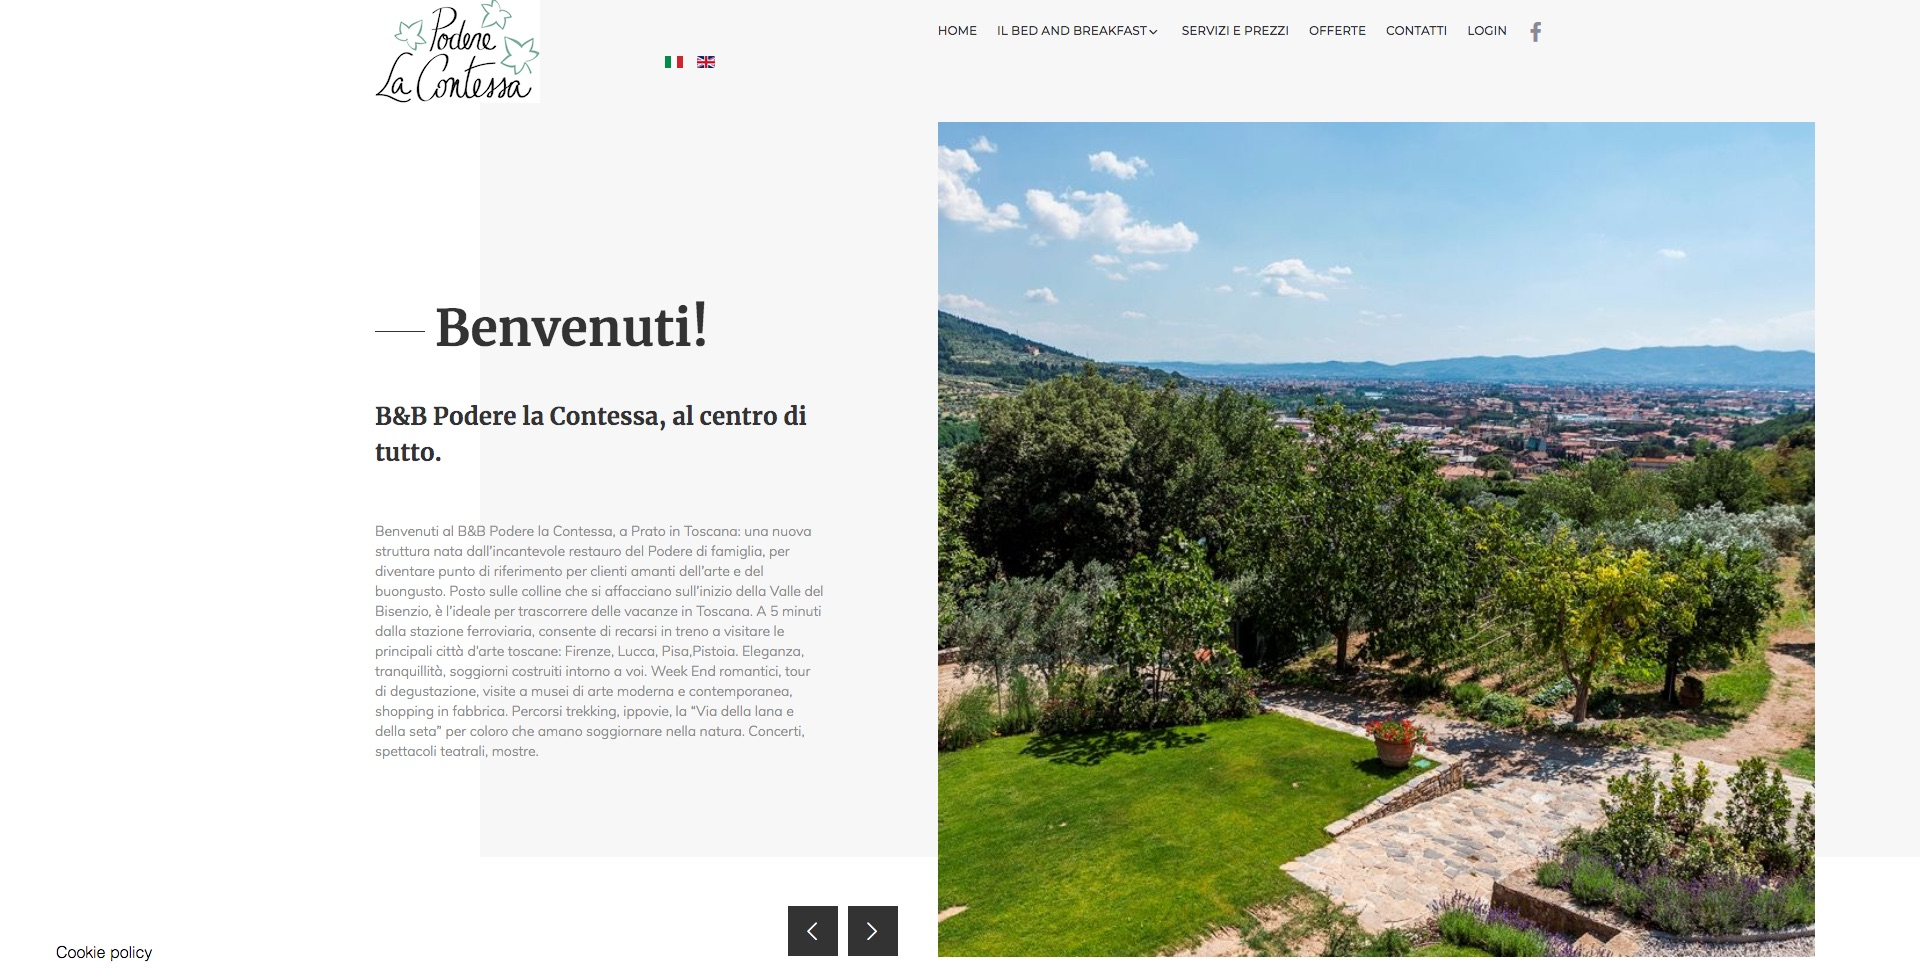 immagine home page del sito Podere la Contessa